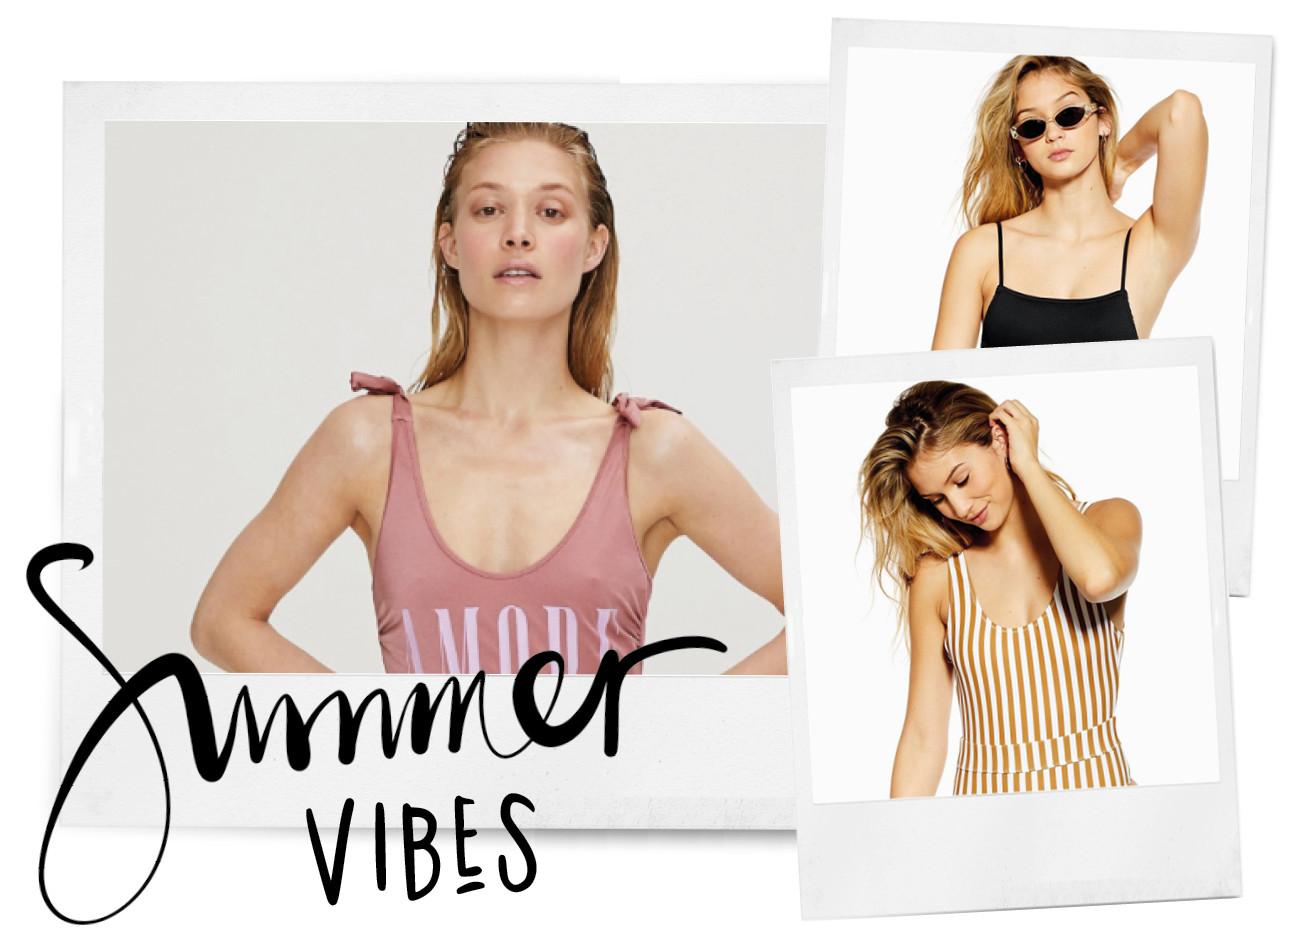 Summer vibes/ drie polaroids met modellen in bakpak. De eerste draagt een roze, de tweede een zwarte en zwarte zonnebril en de derde een wit met geel gestreepte